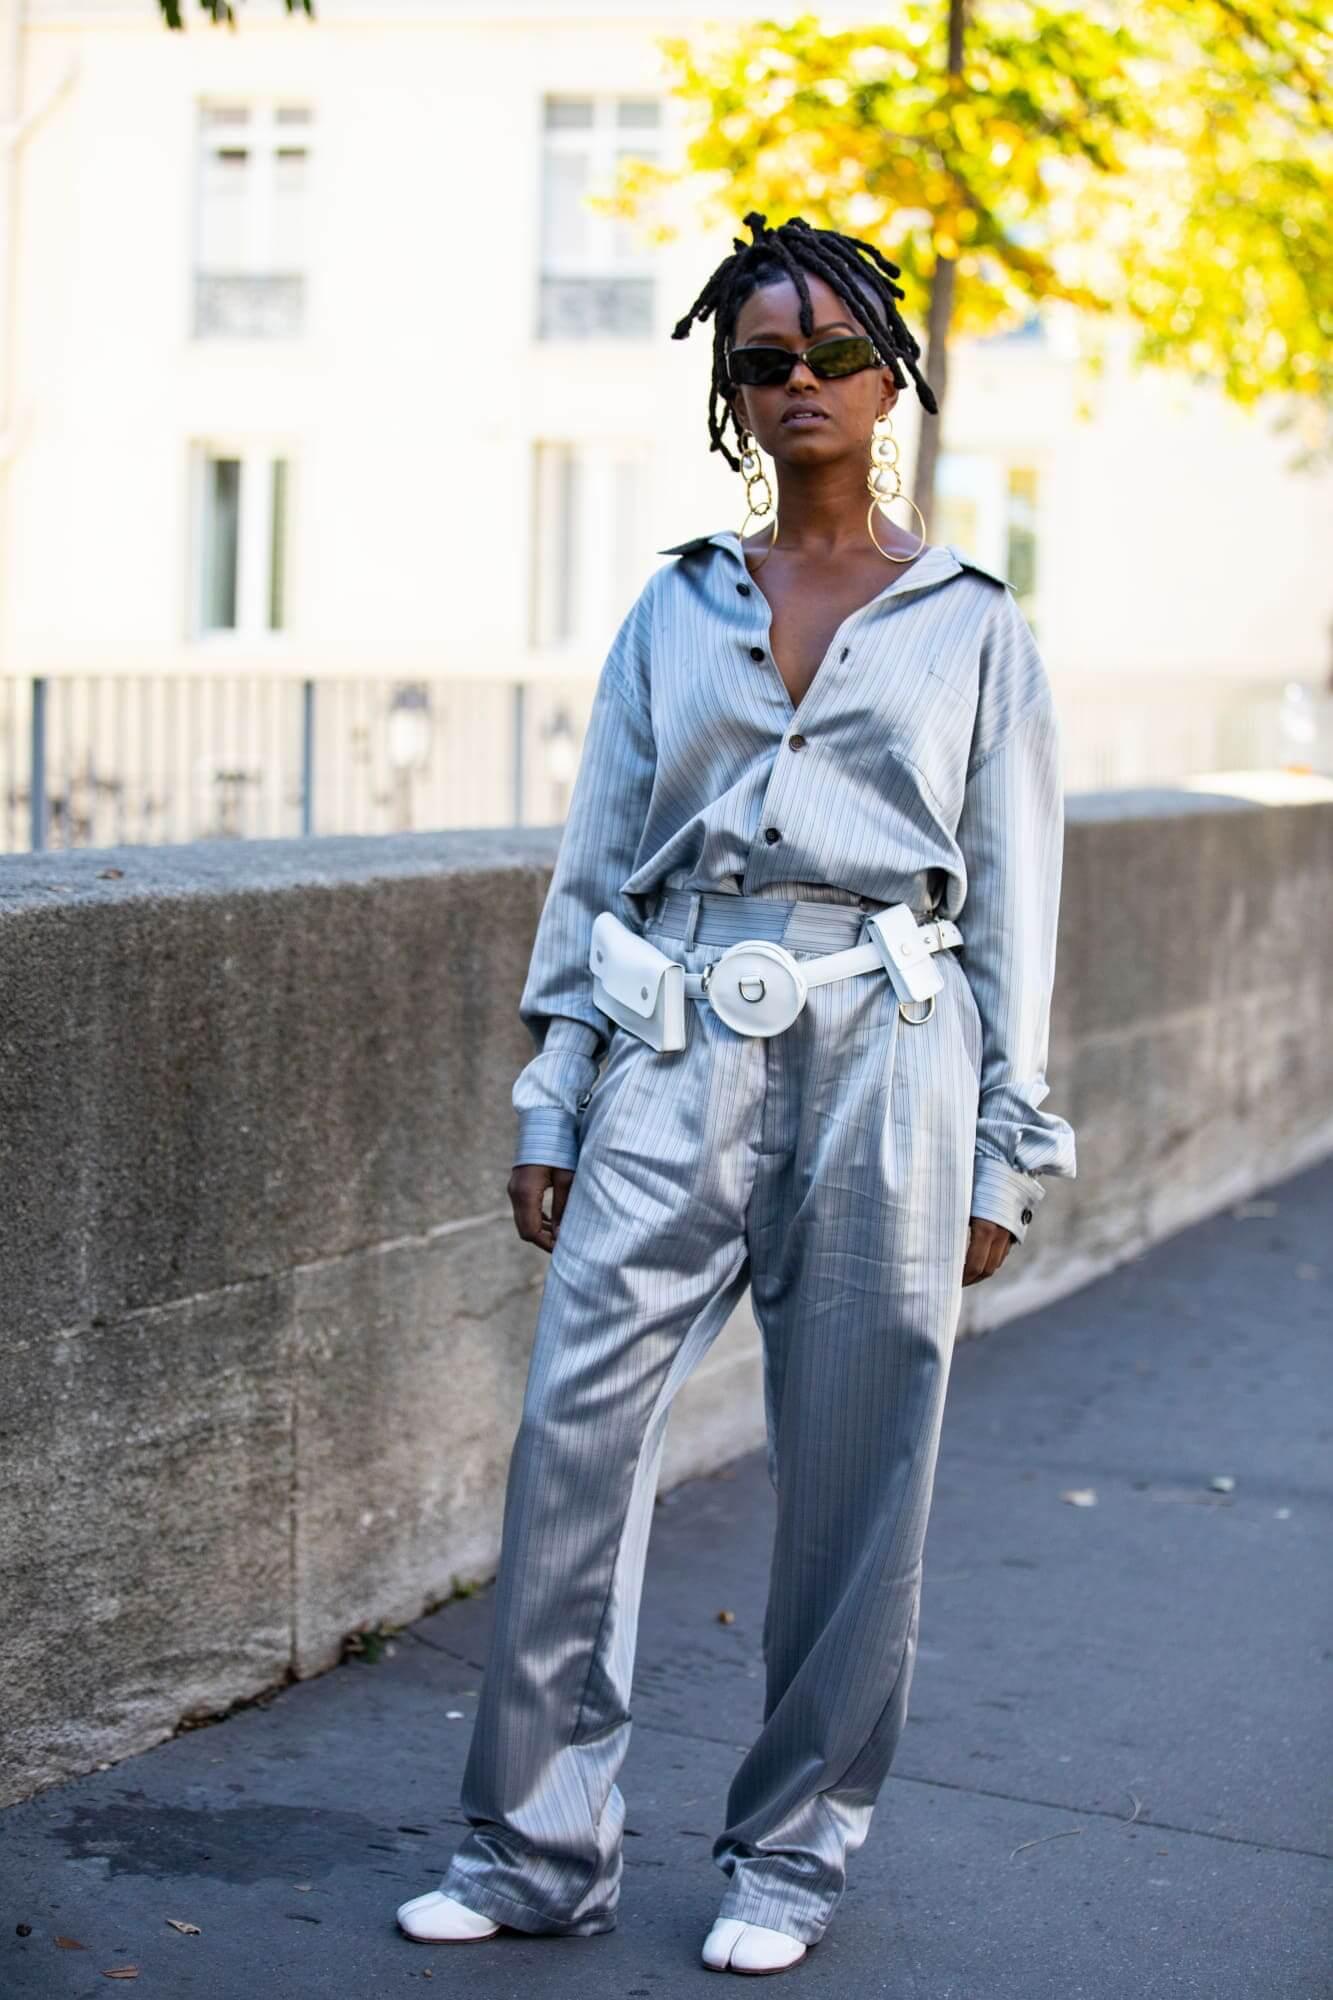 paris-fashion-week-spring-2019-street-style-day-3-19